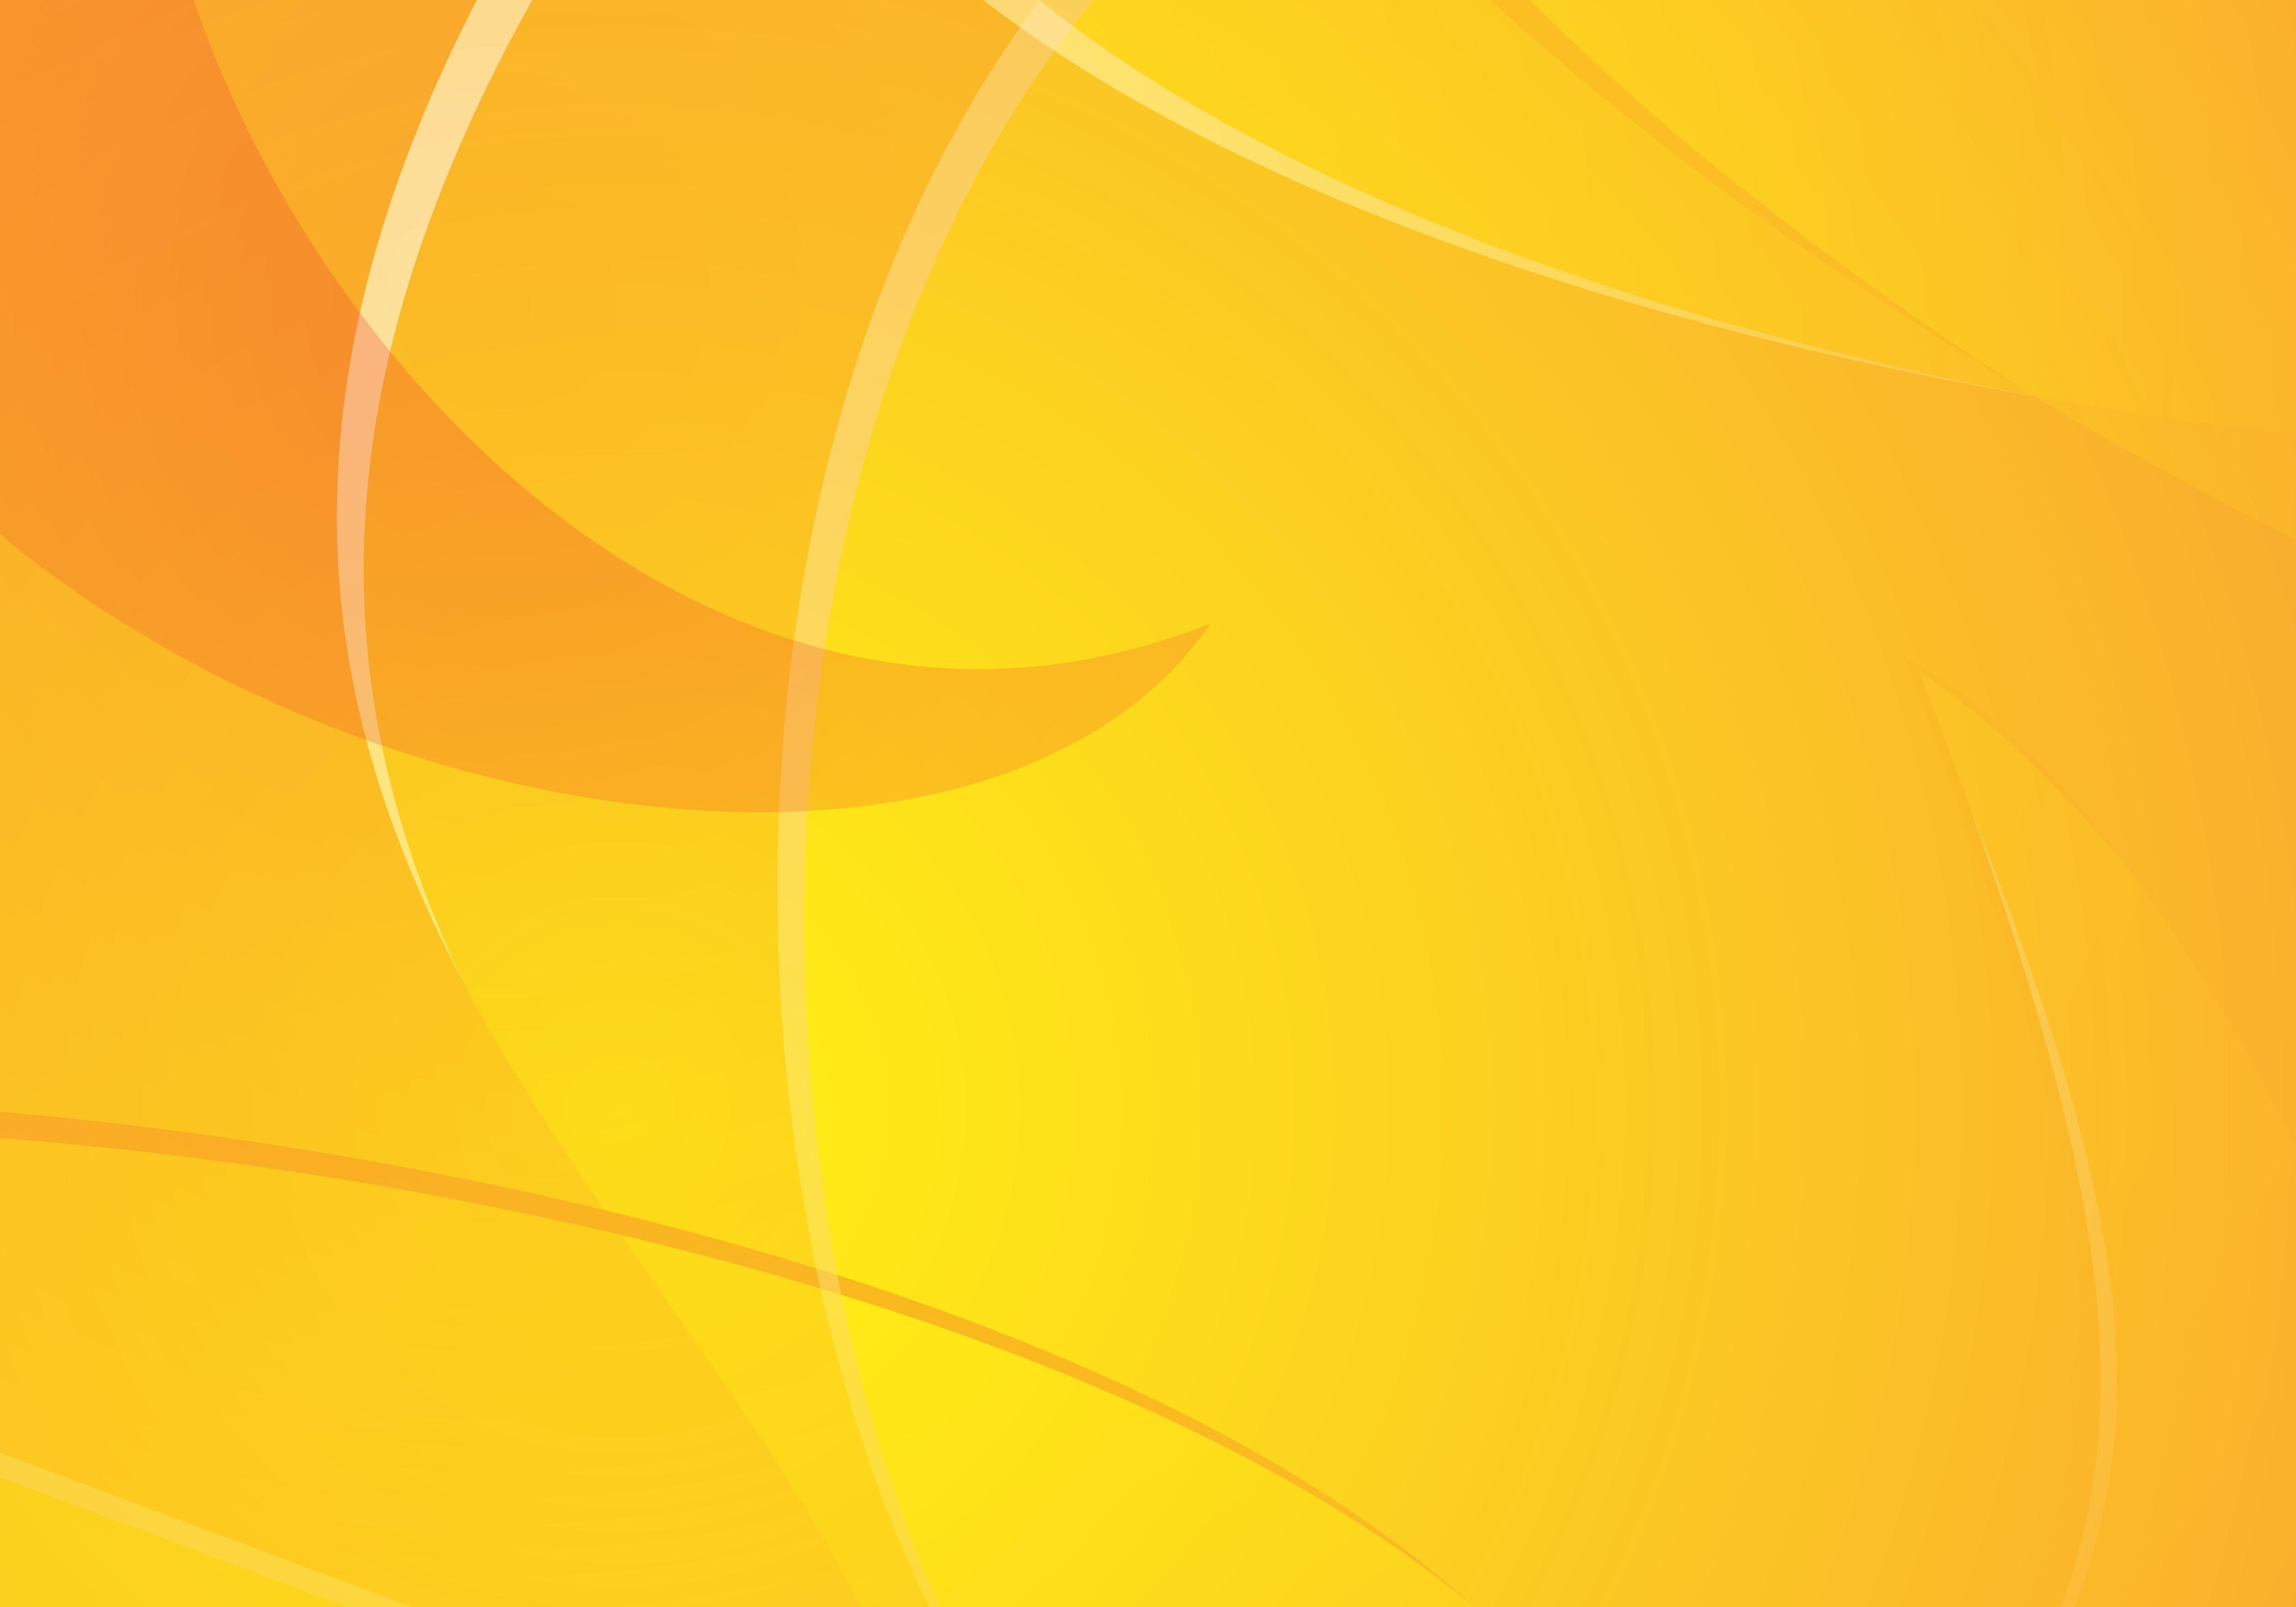 Hình nền màu vàng 5000x3500 Chất lượng HD Hình ảnh màu vàng Hình nền màu vàng